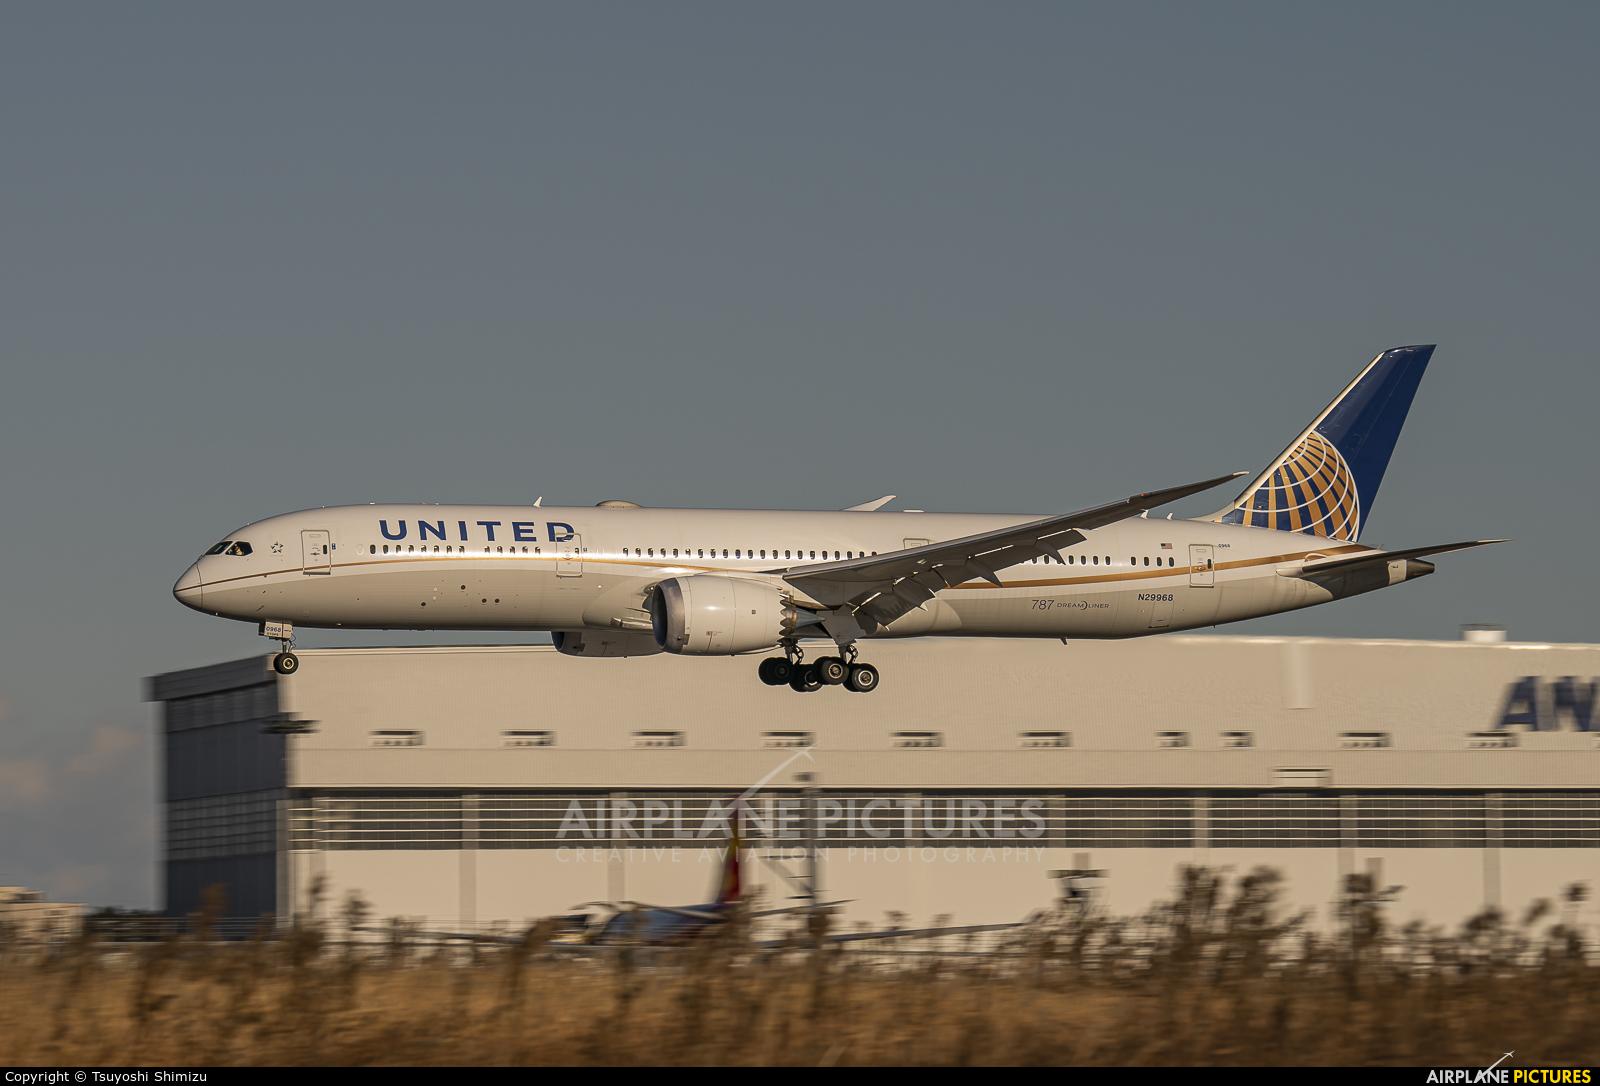 United Airlines N29968 aircraft at Tokyo - Narita Intl